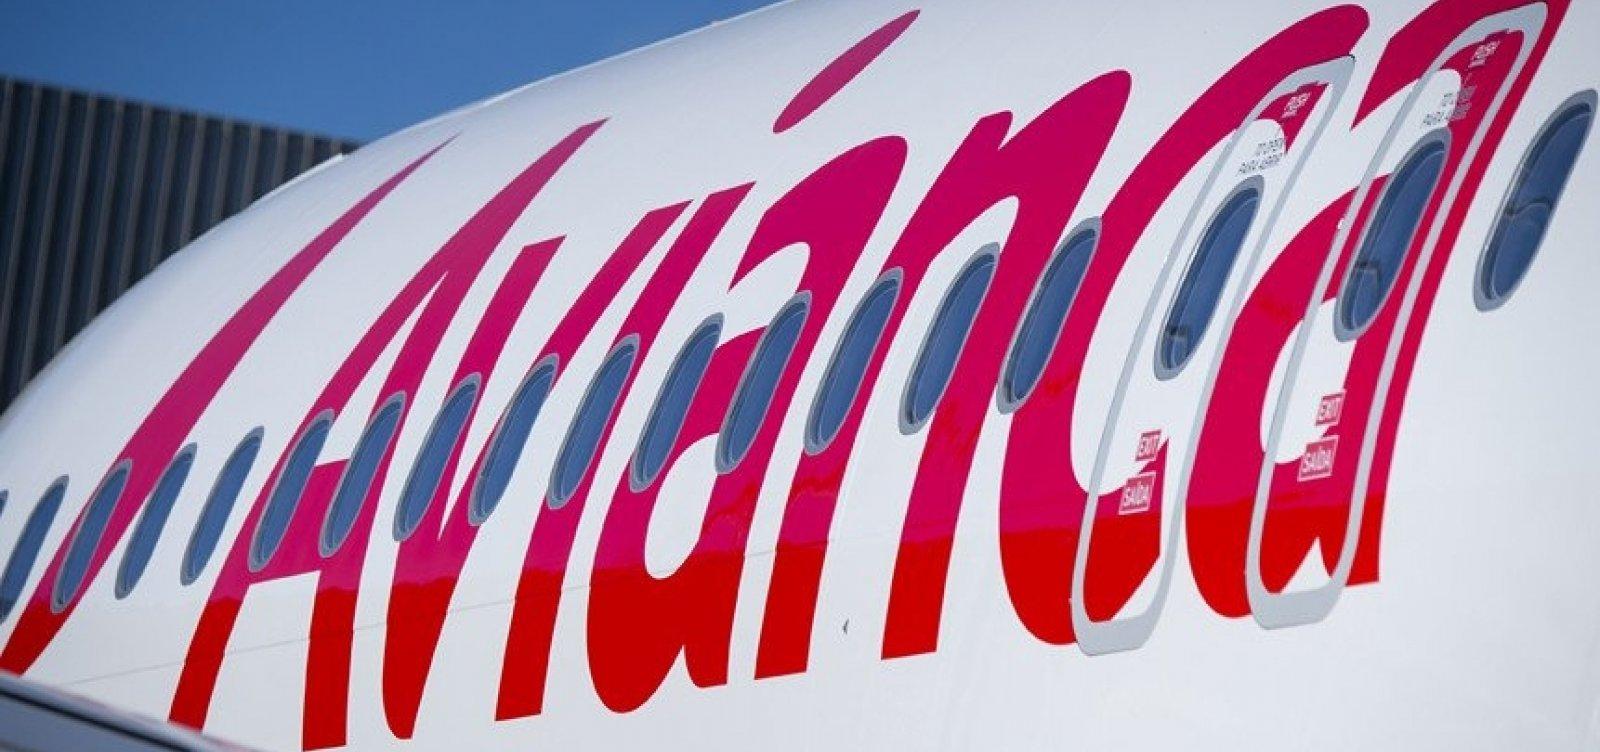 Anac suspende operações da Avianca no Brasil